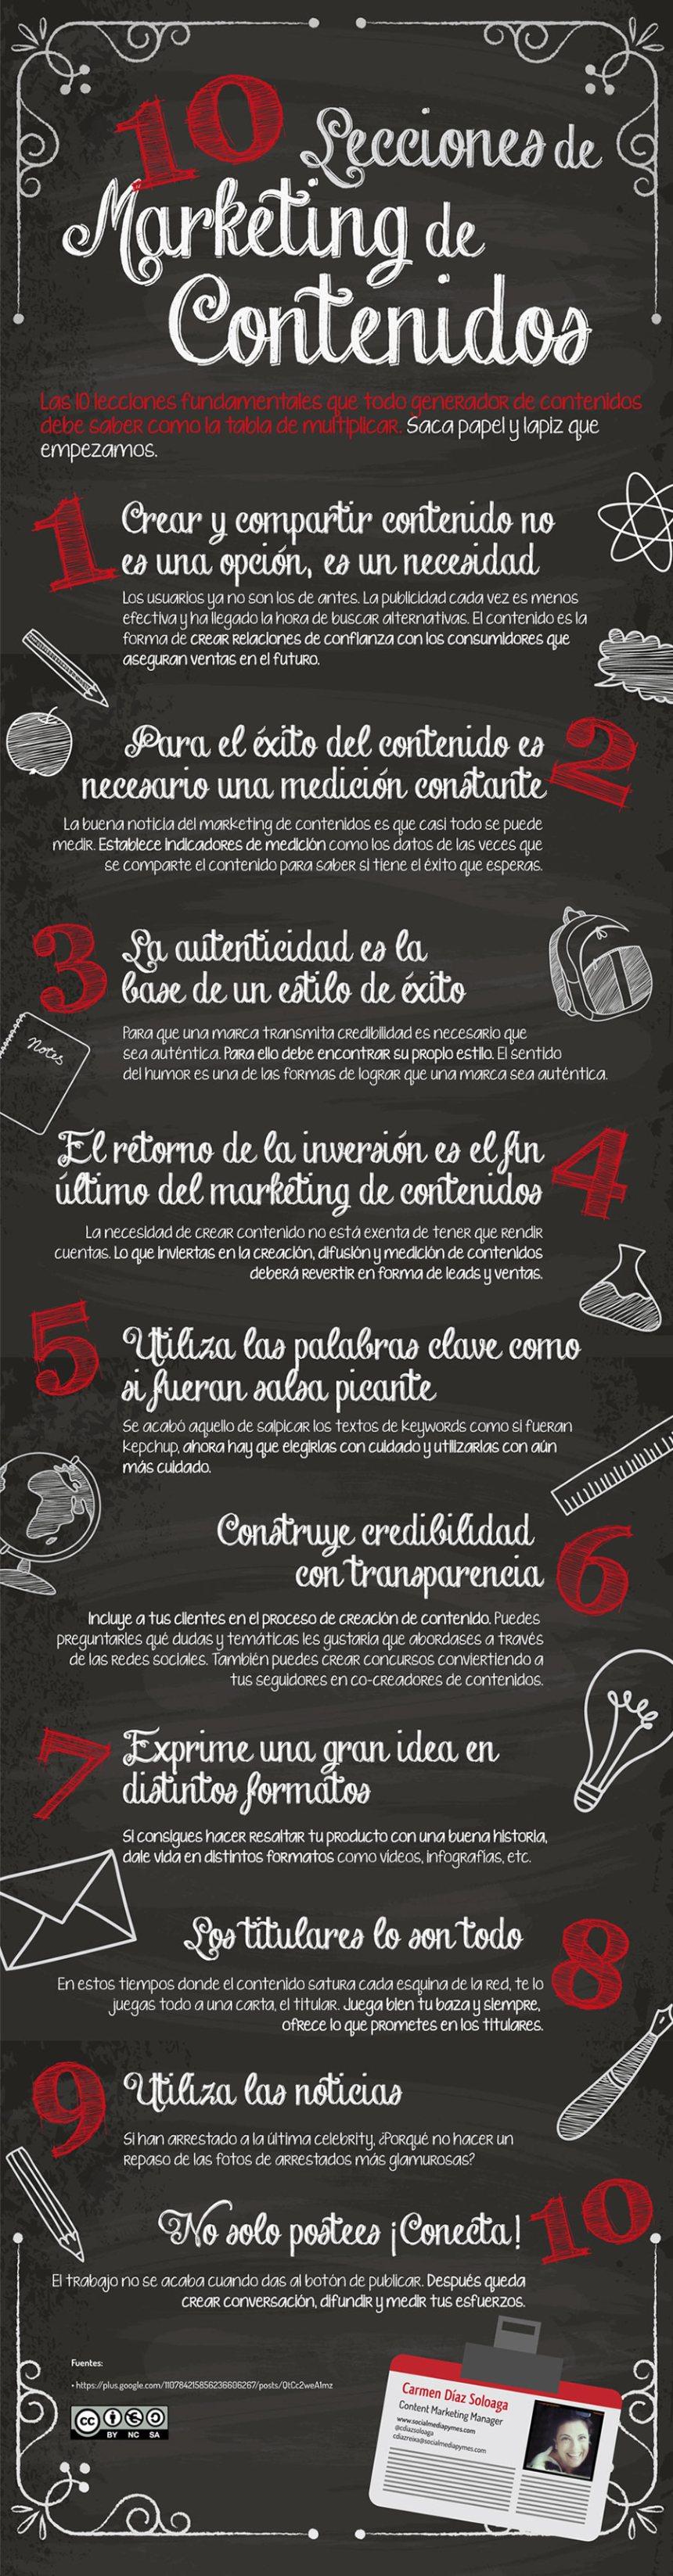 10 lecciones de marketing de contenidos